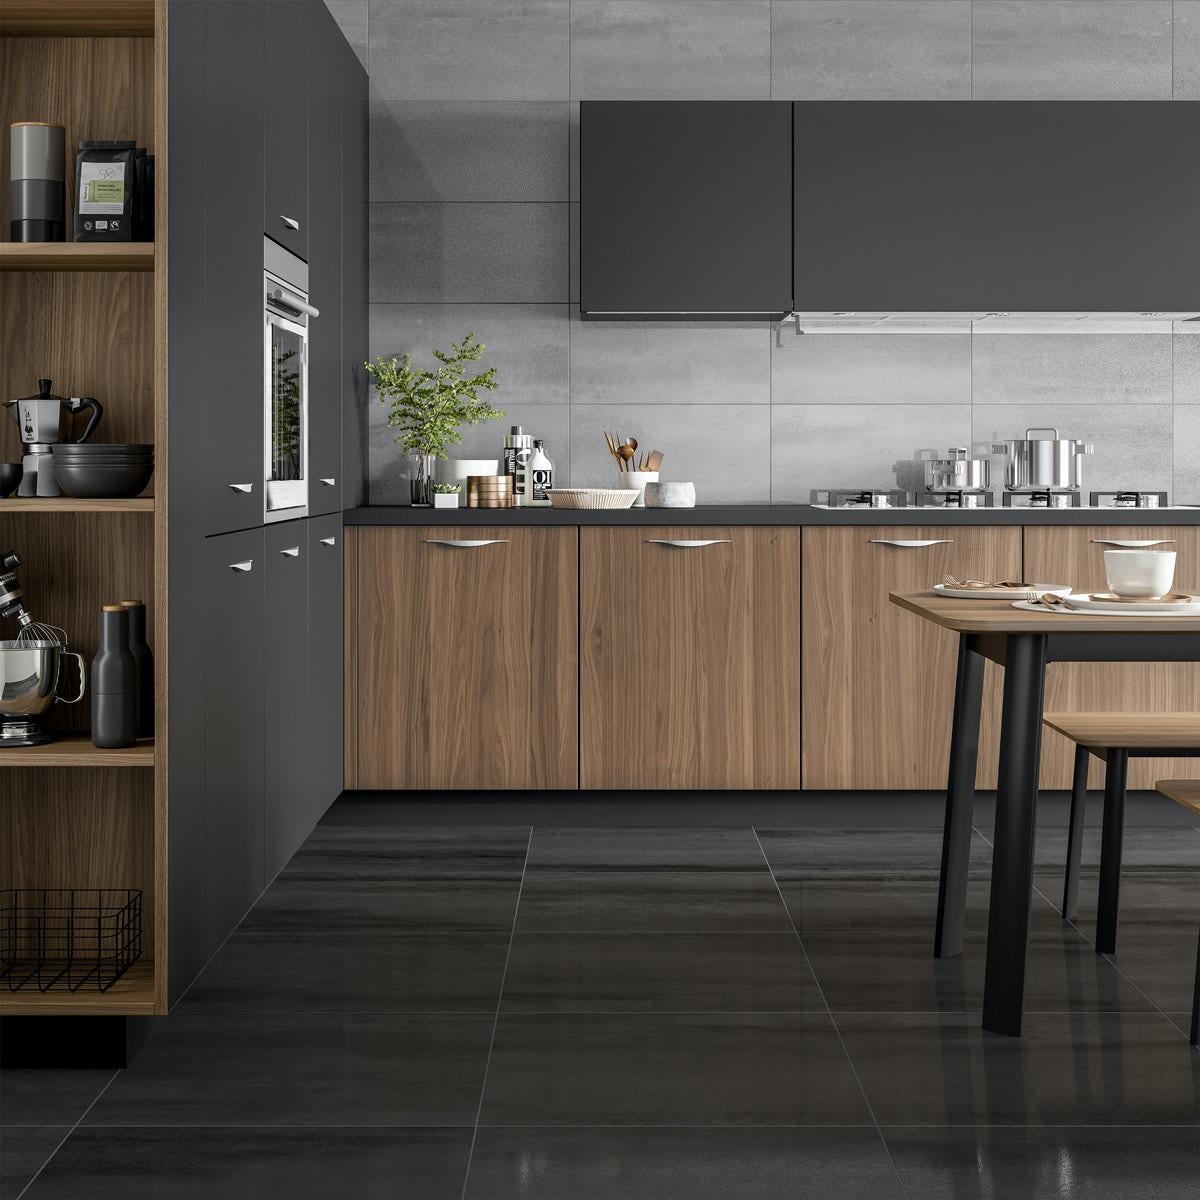 Mode Amadeus Black Stone Effect Matt Wall And Floor Tile 600mm X 600mm Victoriaplum Com